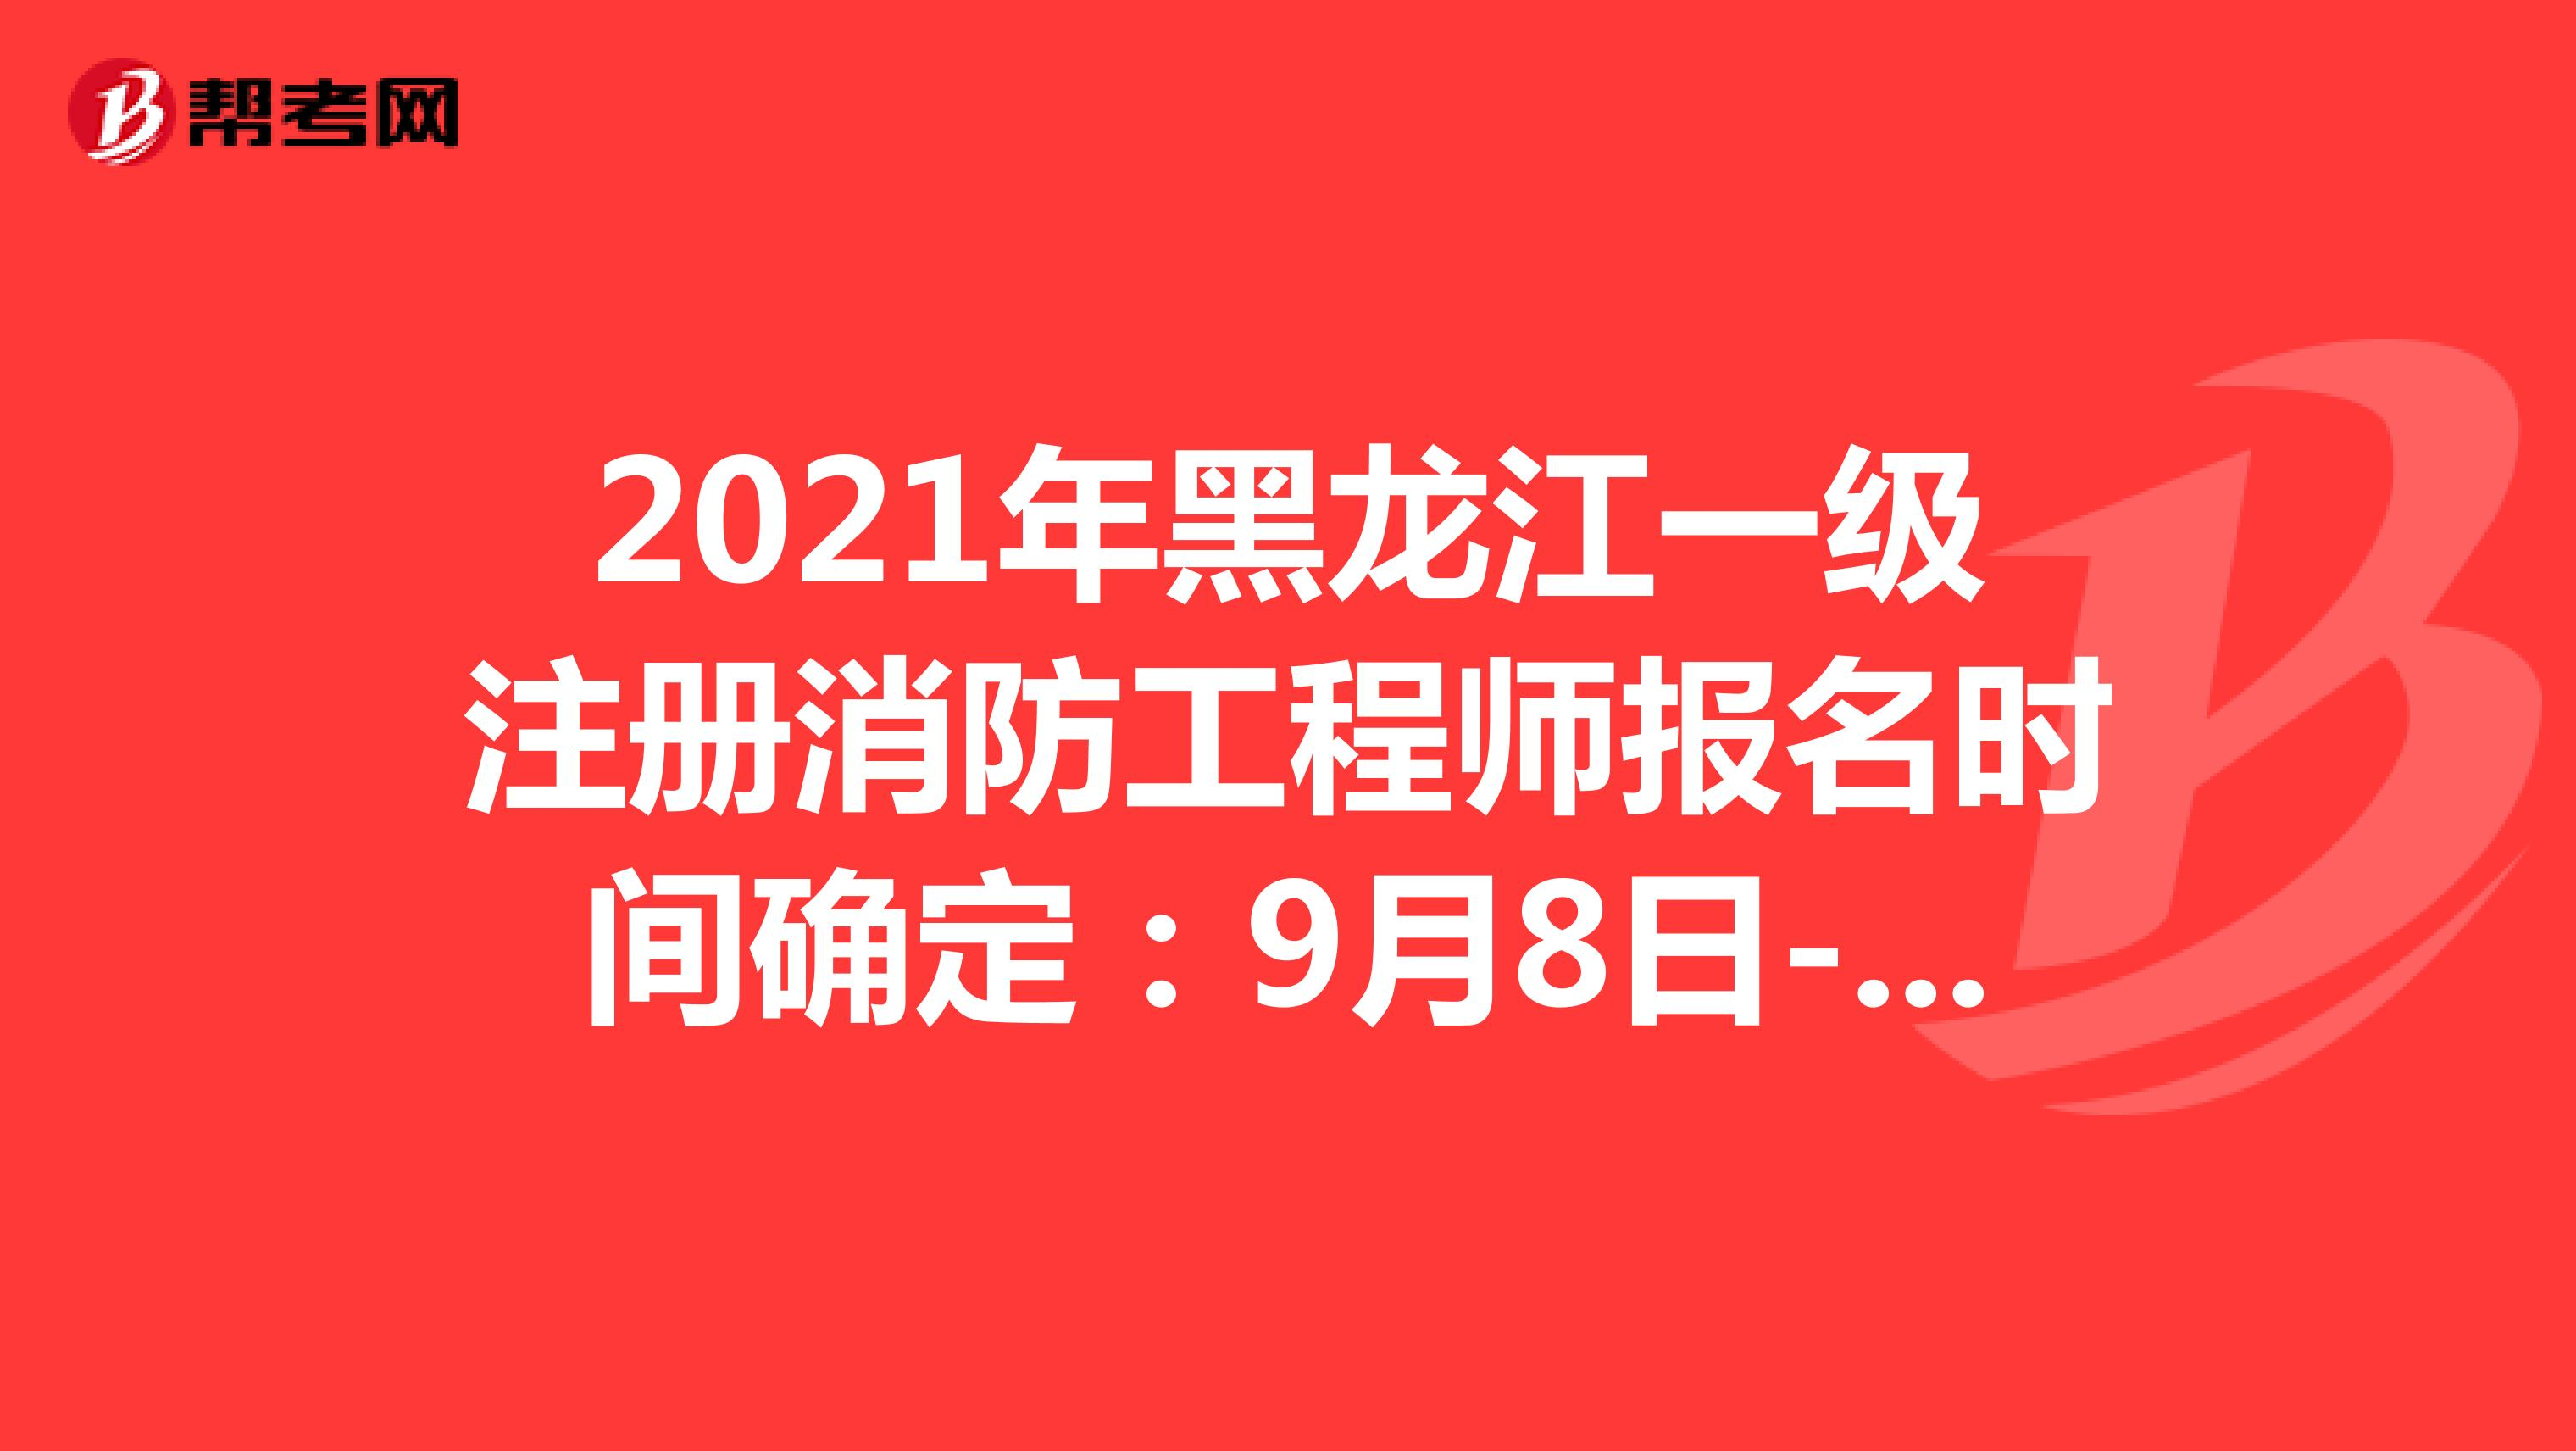 2021年黑龙江一级注册消防工程师报名时间确定:9月8日-9月14日